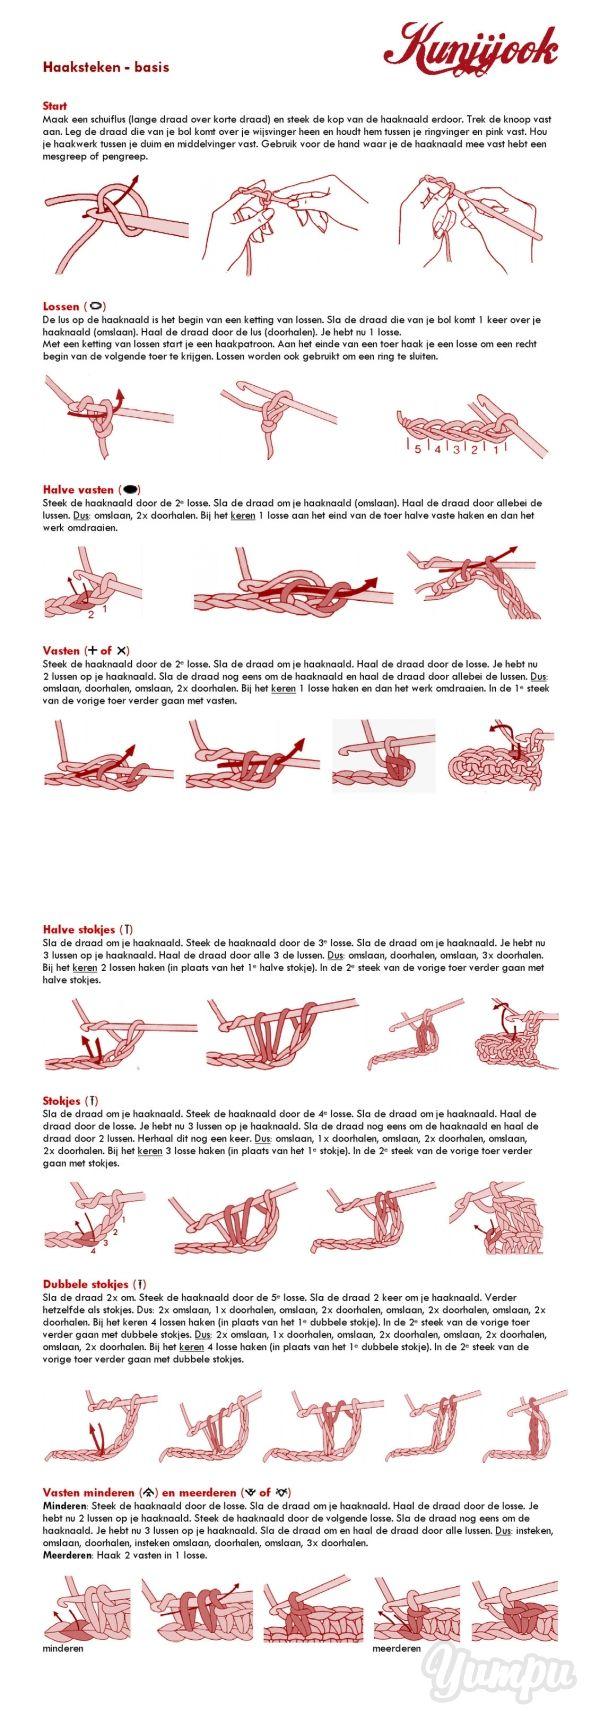 Haaksteken overzicht - Kunjijook! - Magazine with 4 pages: Haaksteken overzicht - Kunjijook!